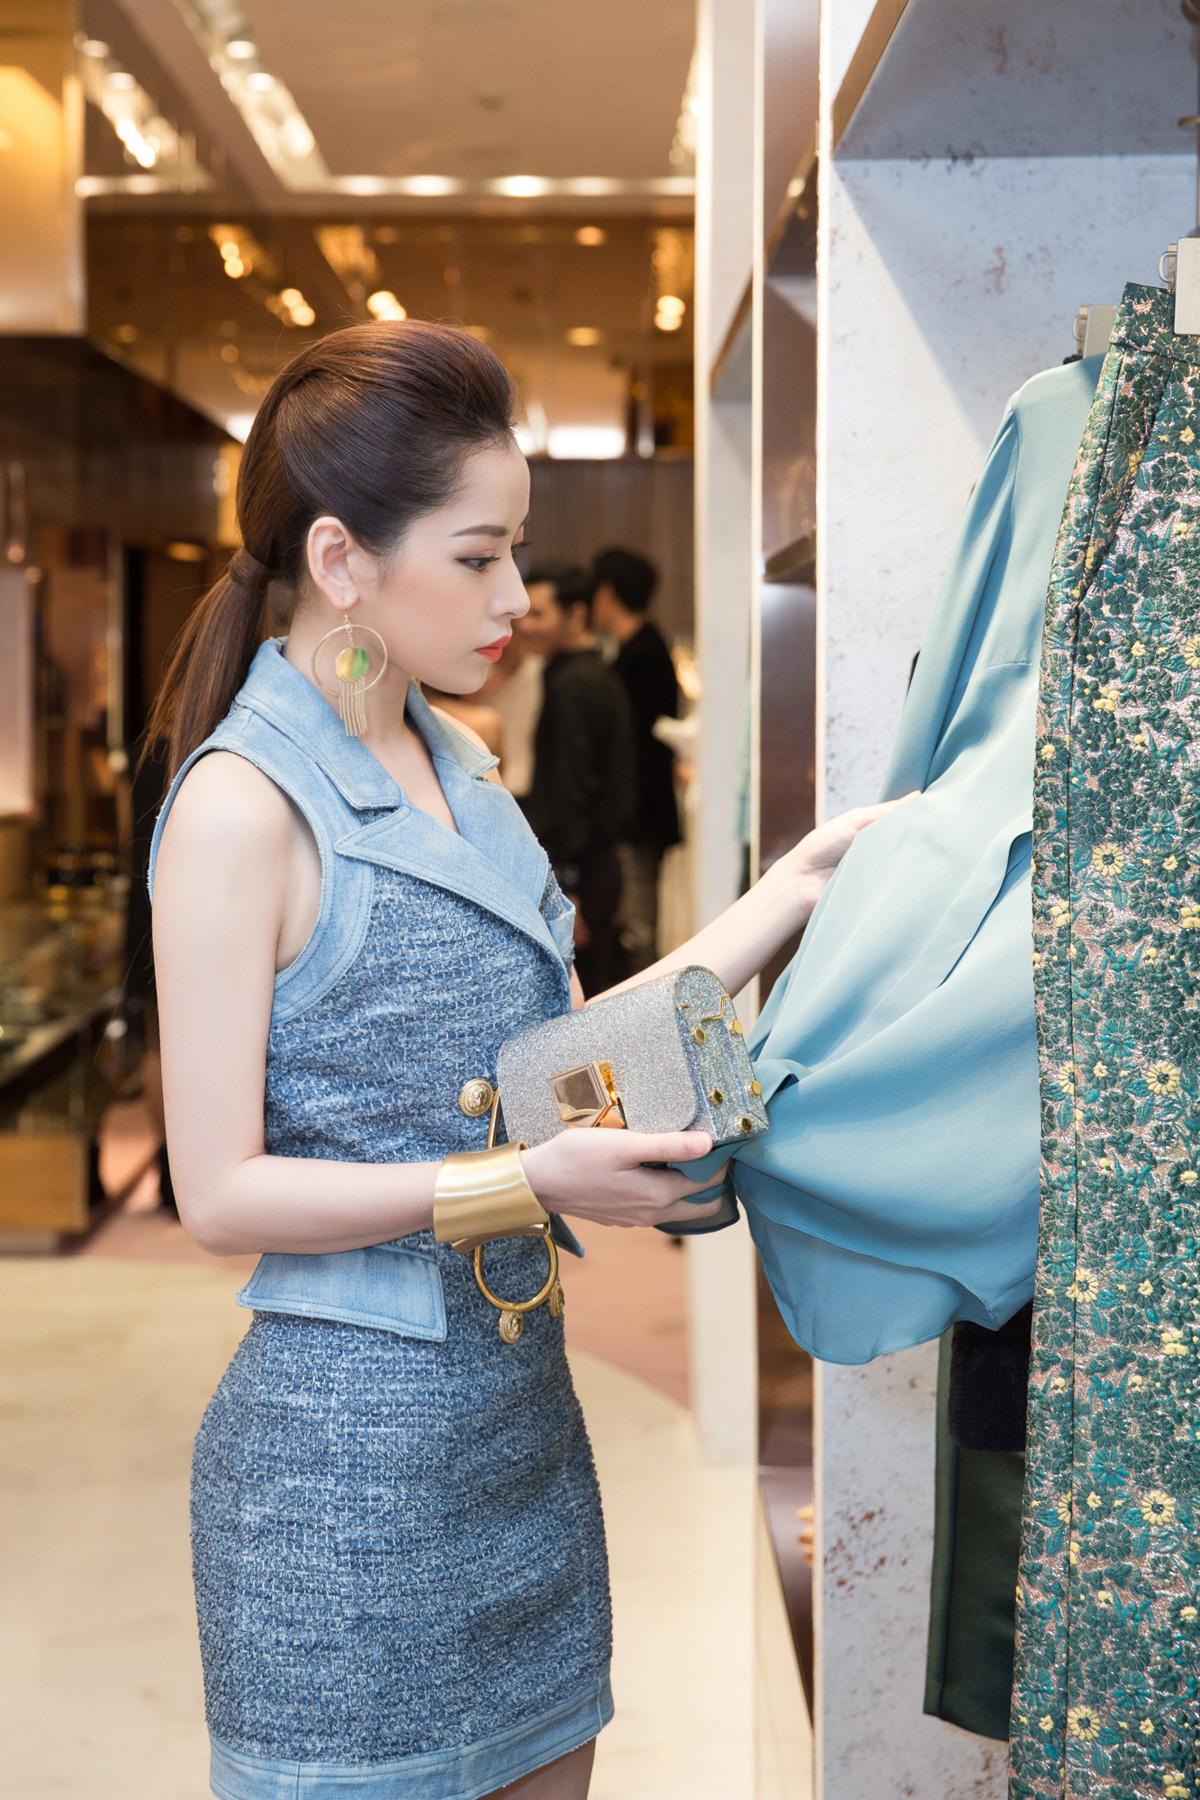 Hà Hồ, Chi Pu nổi bật dự sự kiện thời trang của bố mẹ chồng Hà Tăng 3